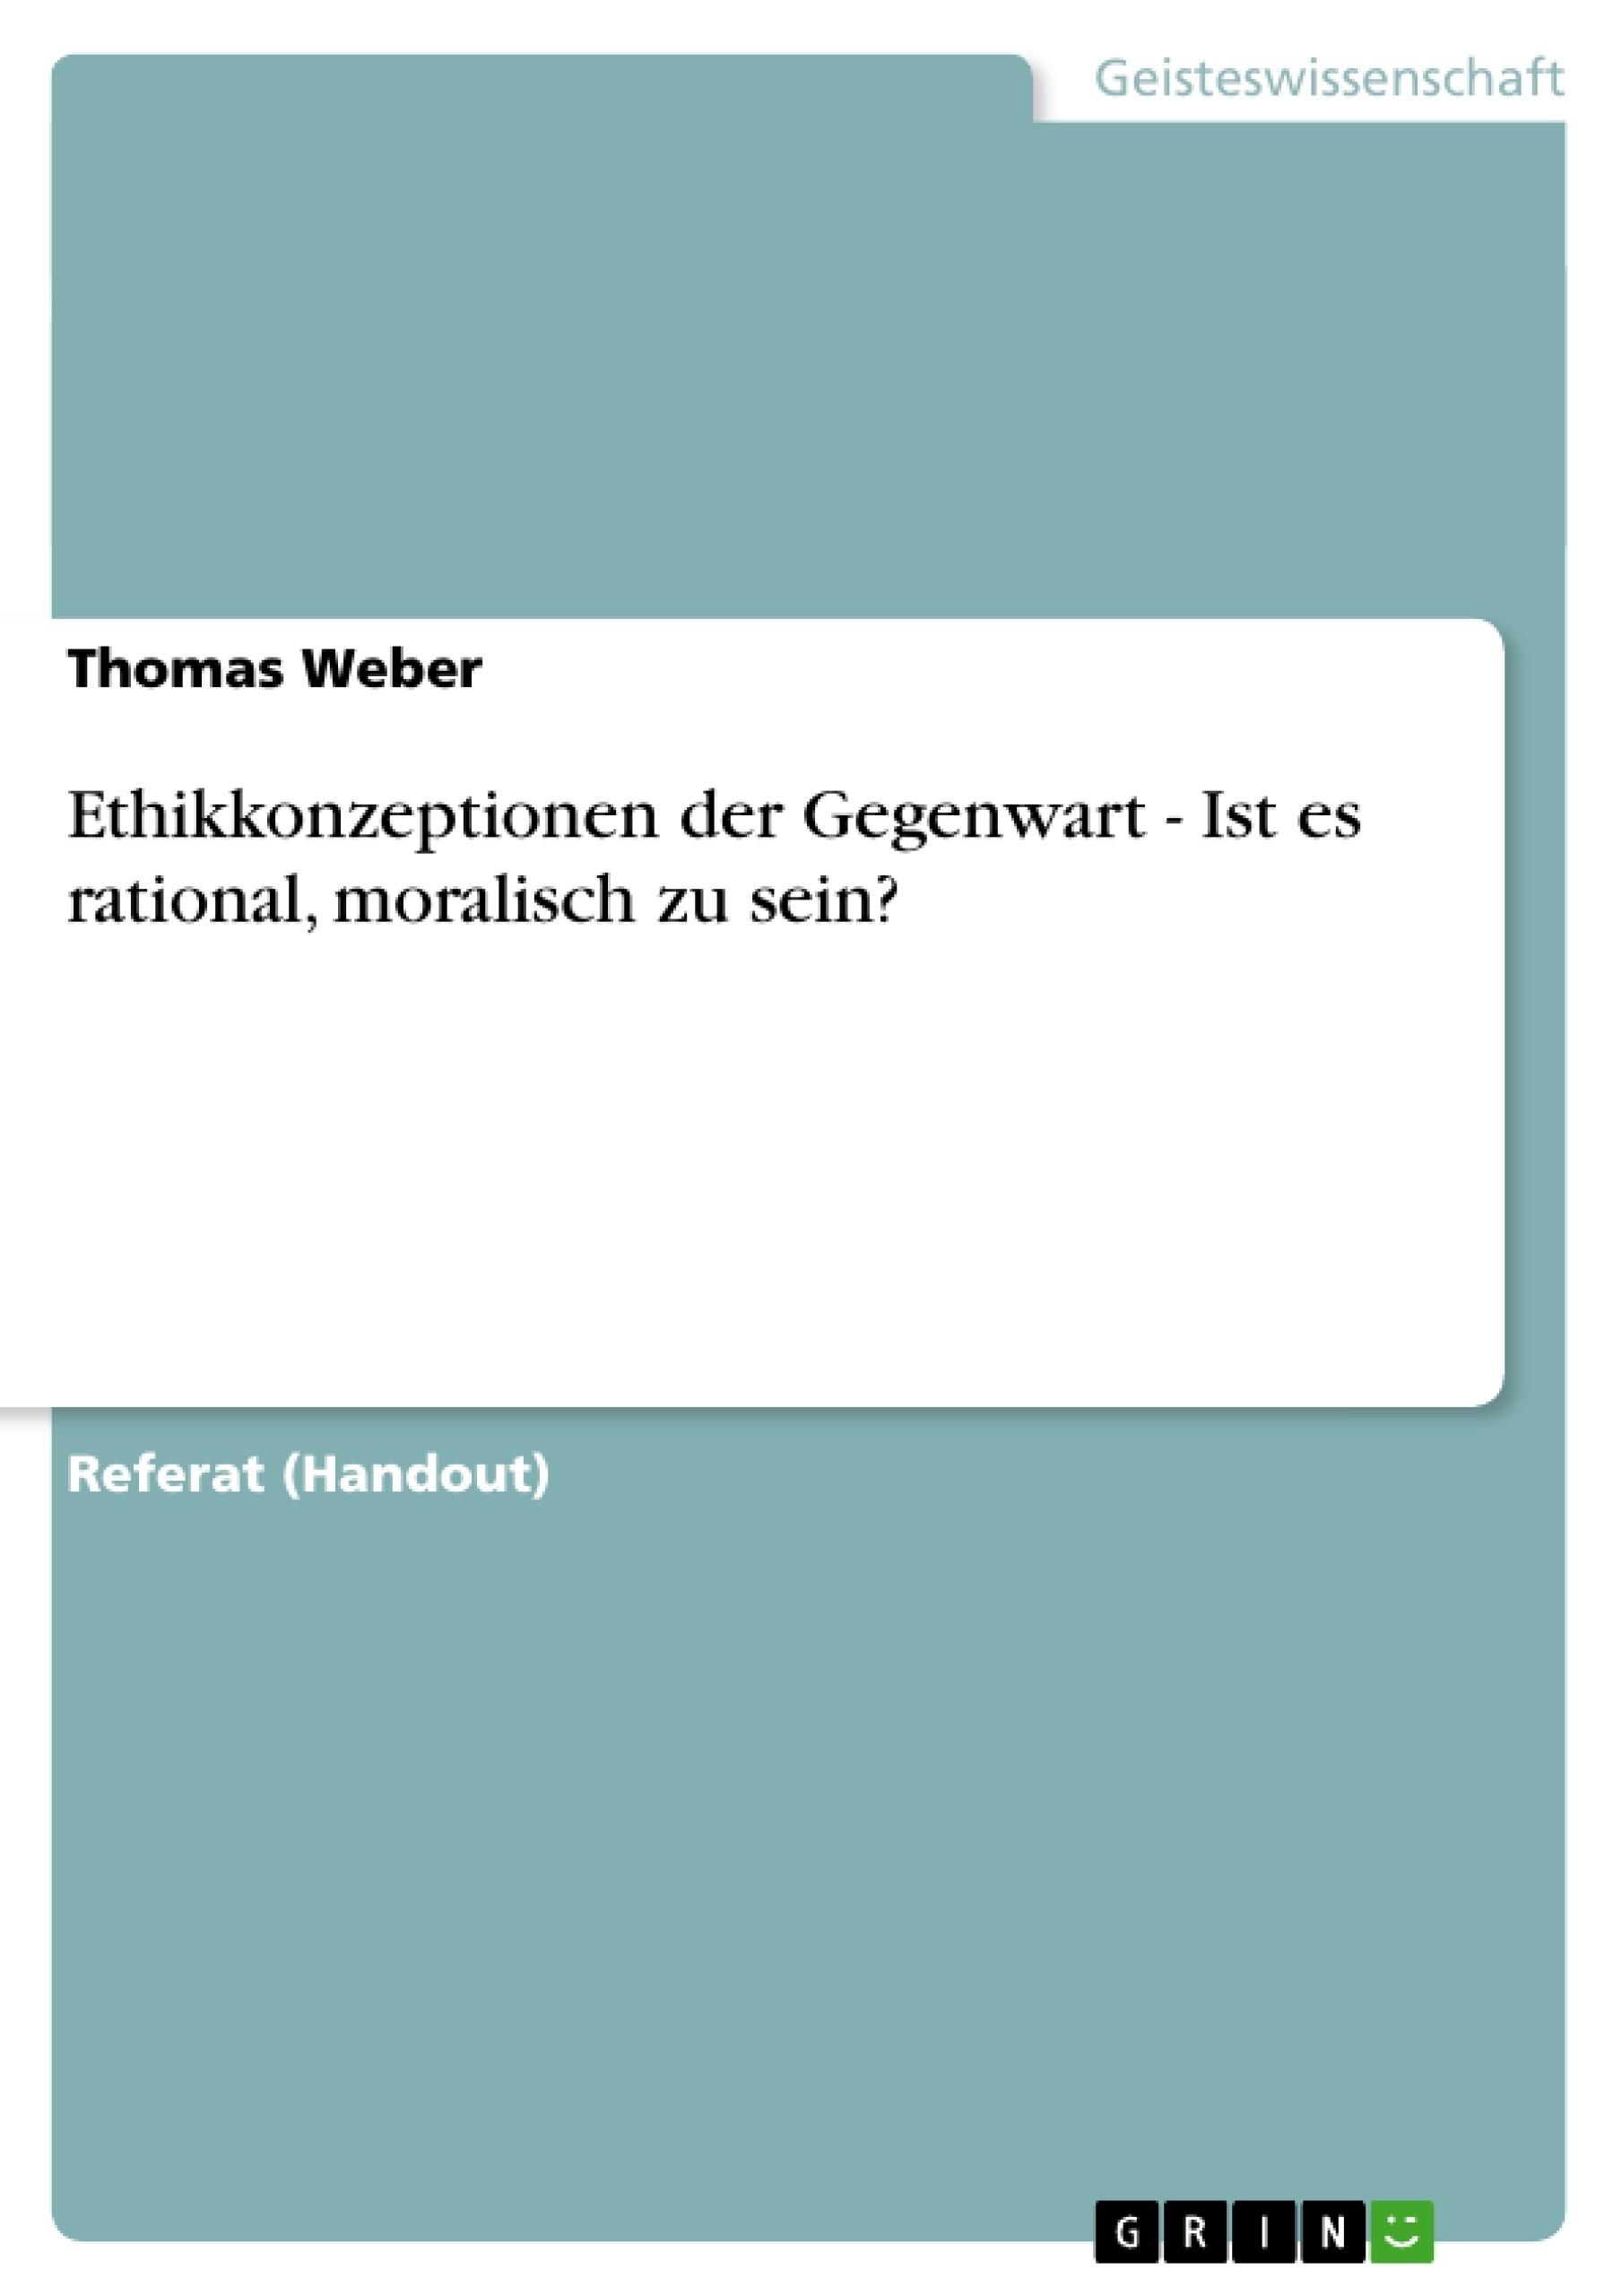 Titel: Ethikkonzeptionen der Gegenwart - Ist es rational, moralisch zu sein?